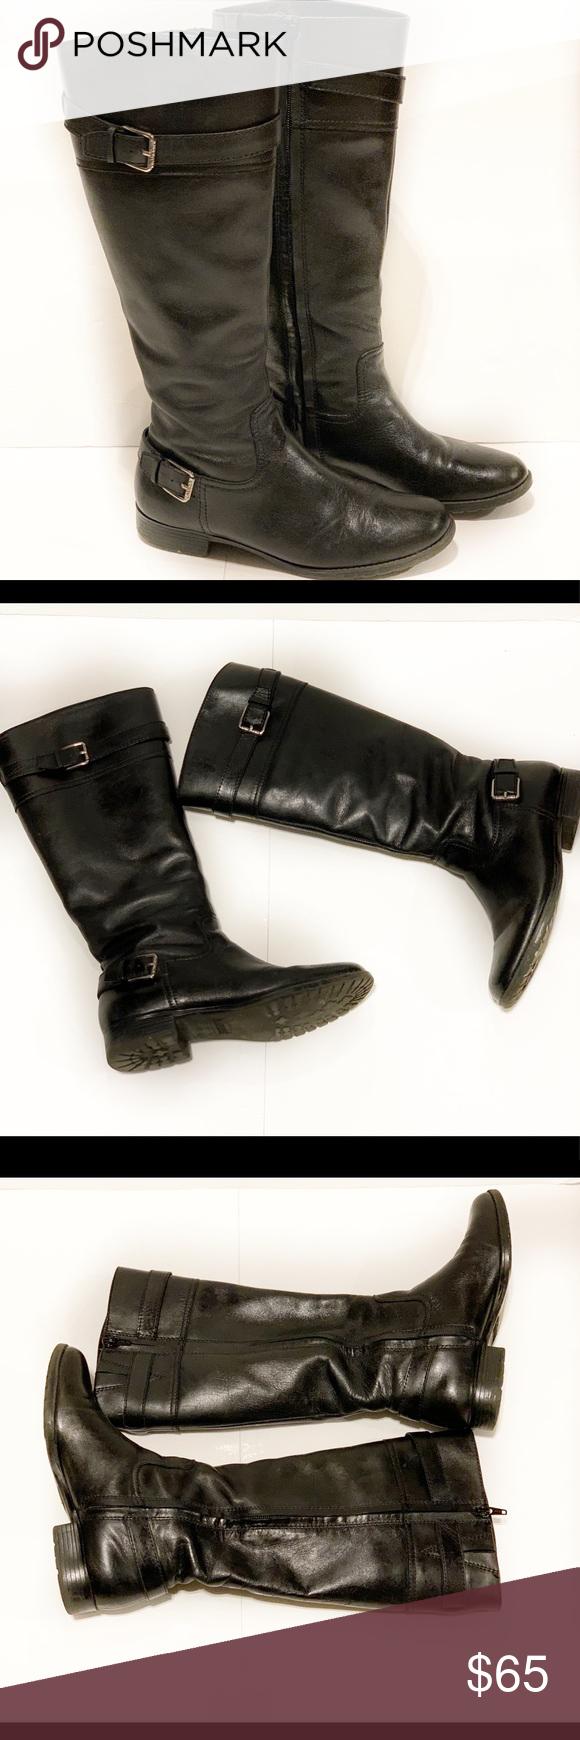 9e2809b2e7 Lauren Ralph Lauren Simone Riding Boots Size 7. Lauren Ralph Lauren ...